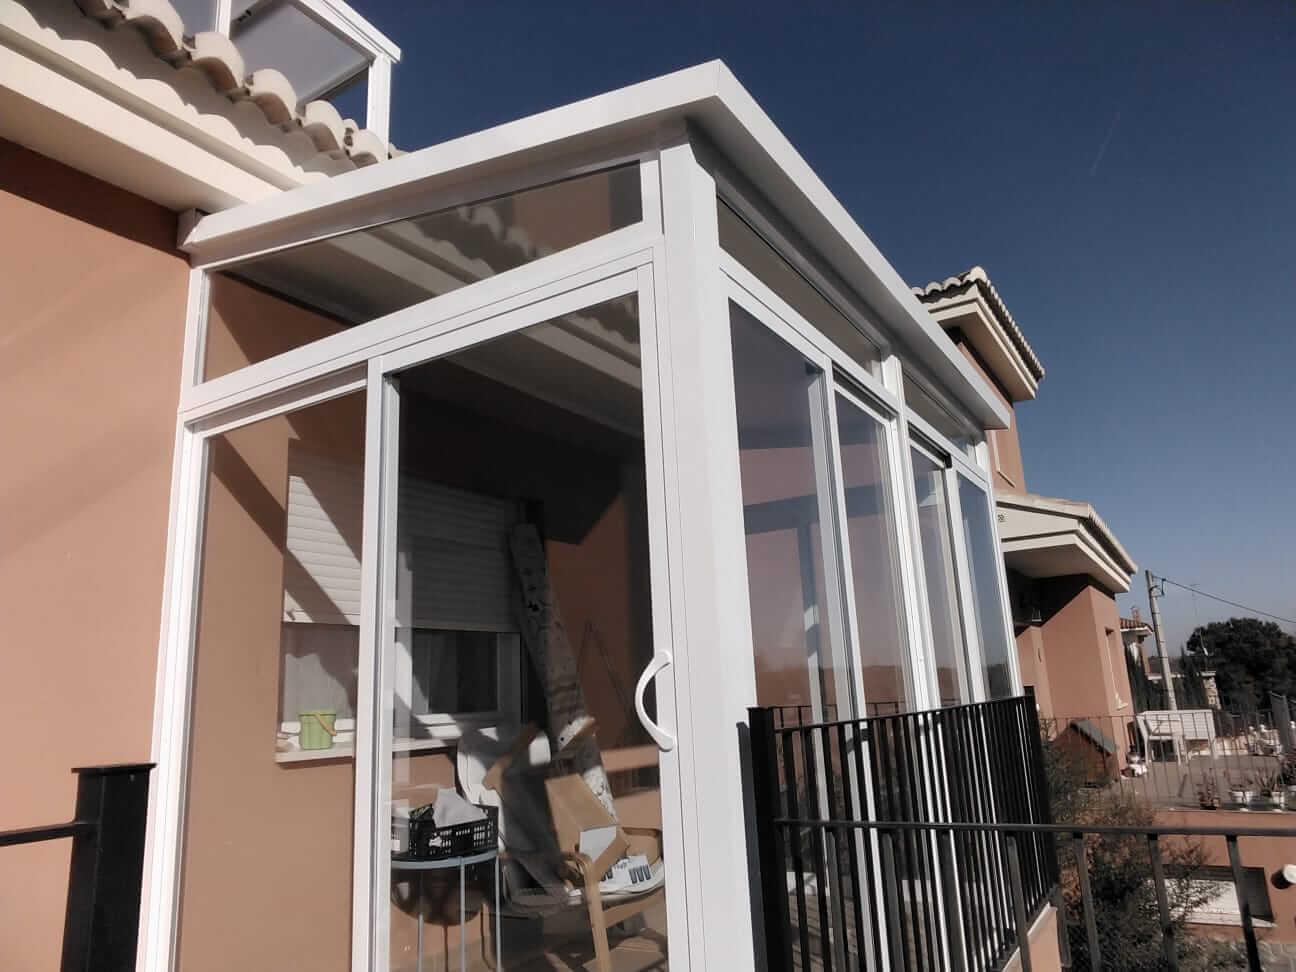 Cerramiento de cristal en balcón exterior. Vista desde el exterior de la vivienda